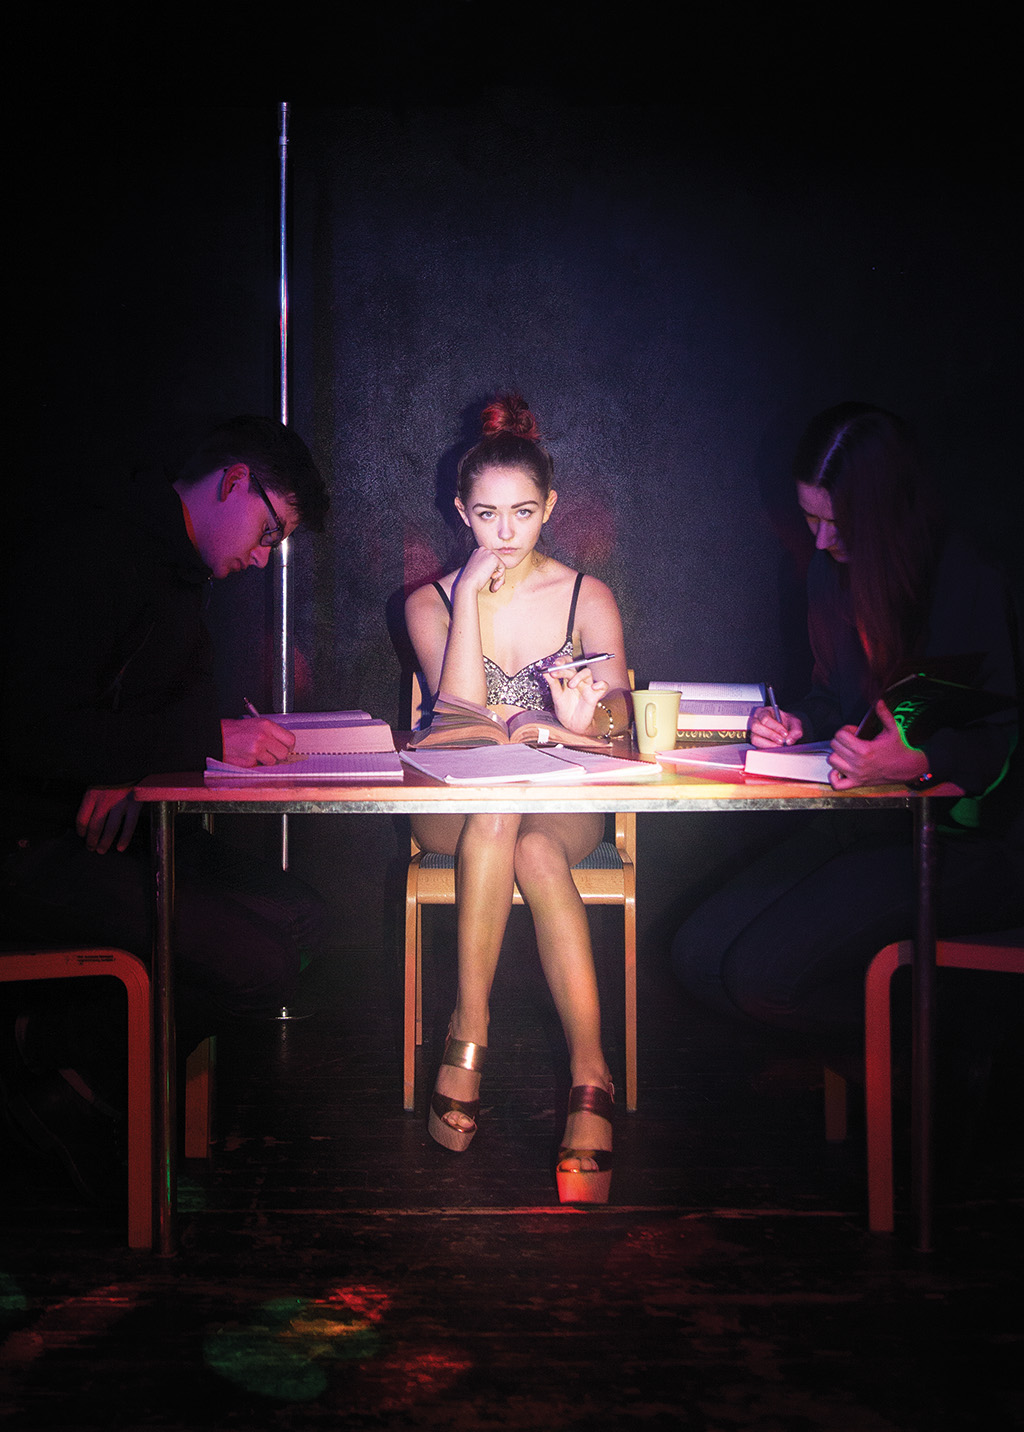 TIM JEDEUR-PALMGREN Historien om studenten Jessica som jobbar som strippa i Köpenhamn. – Bilden är stage'ad med en modell utan att temat blivit för övertydligt. Jag ville fånga historien från Jessicas synvinkel, även om vi tittar på 'henne' på bilden. Jag ville komma in i hennes värld utan att sexualisera.